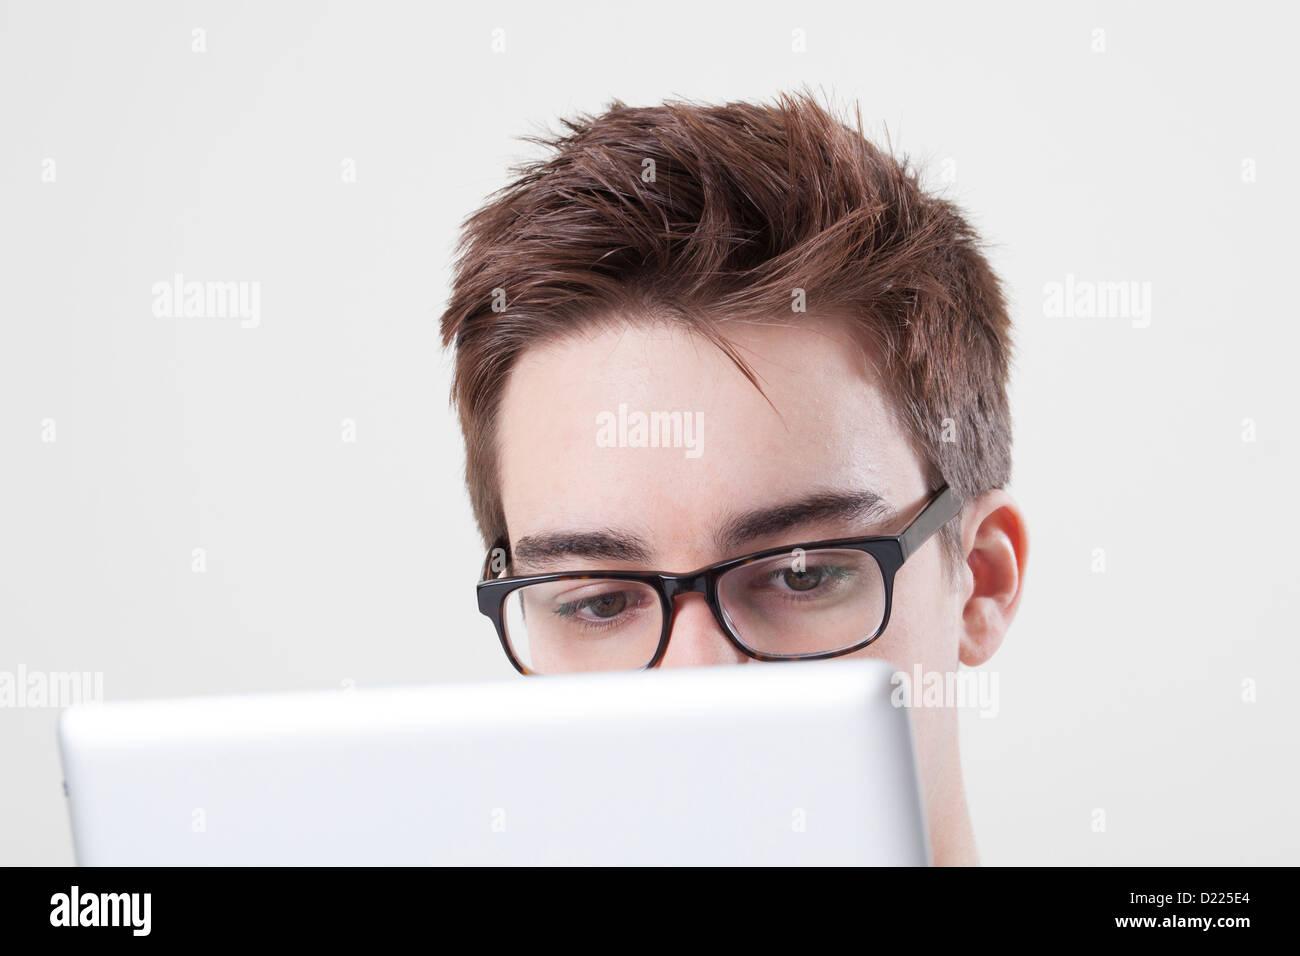 Jeune homme portant des lunettes à la recherche à l'écran de son ordinateur portable ou tablette Photo Stock